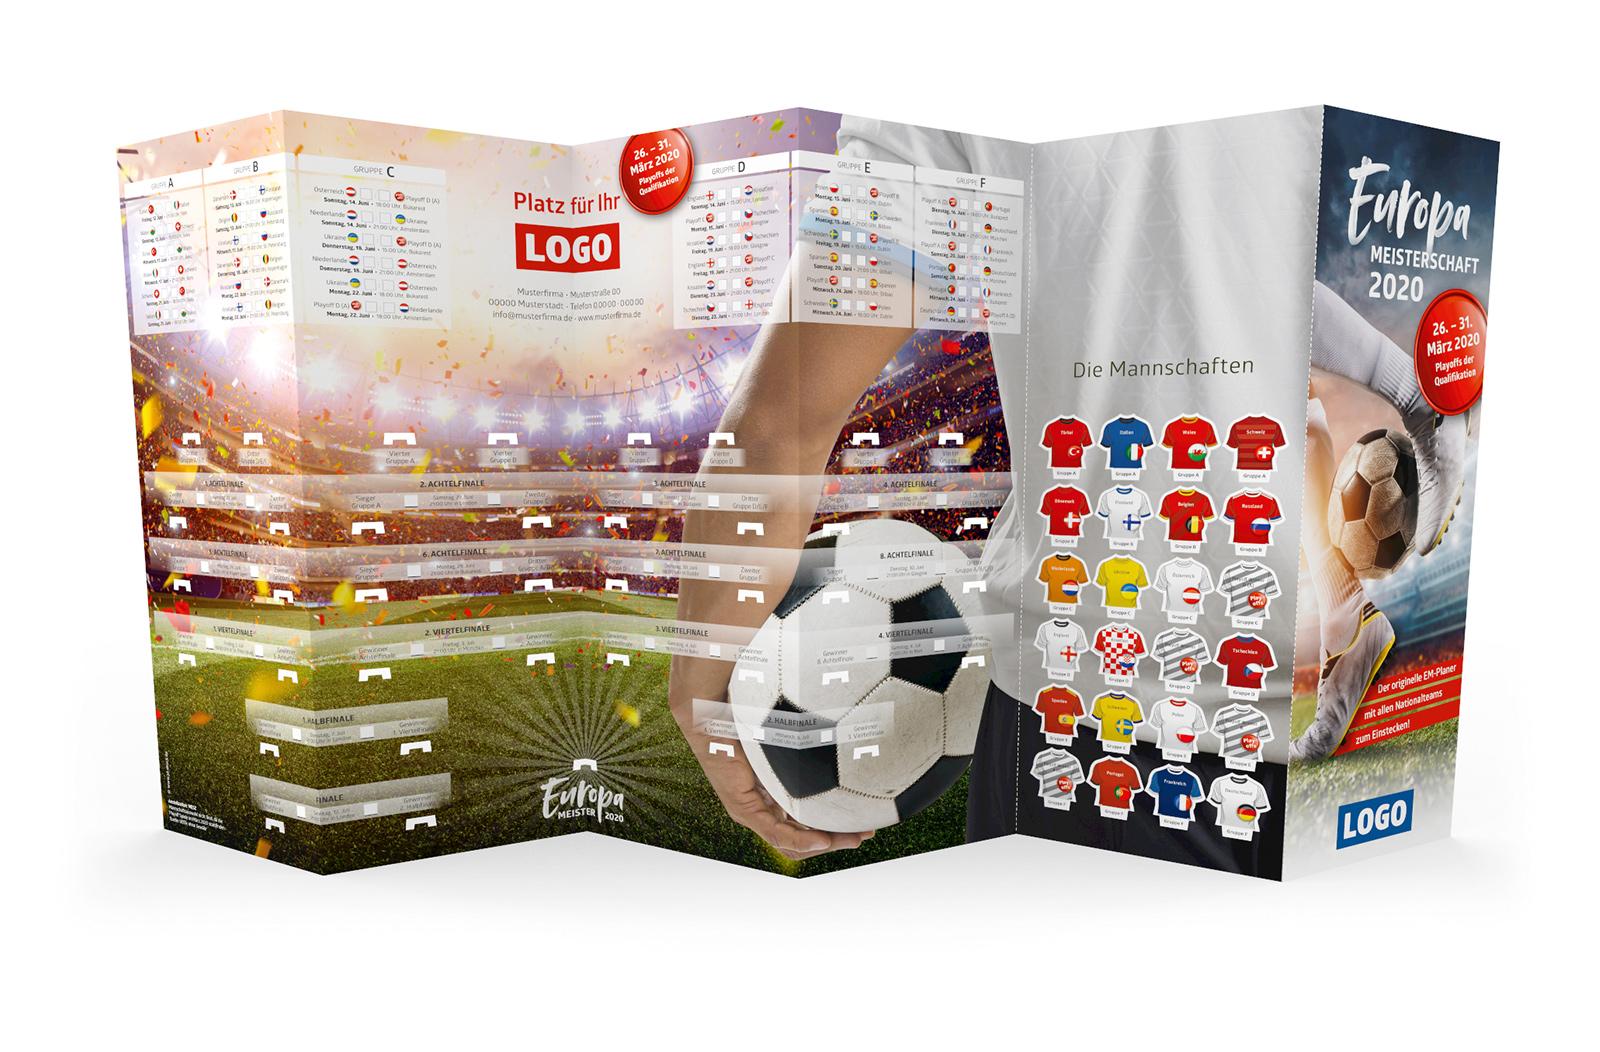 Fussball Spielplan Wandplan Steckplan Werbemittel EM 2020 gross